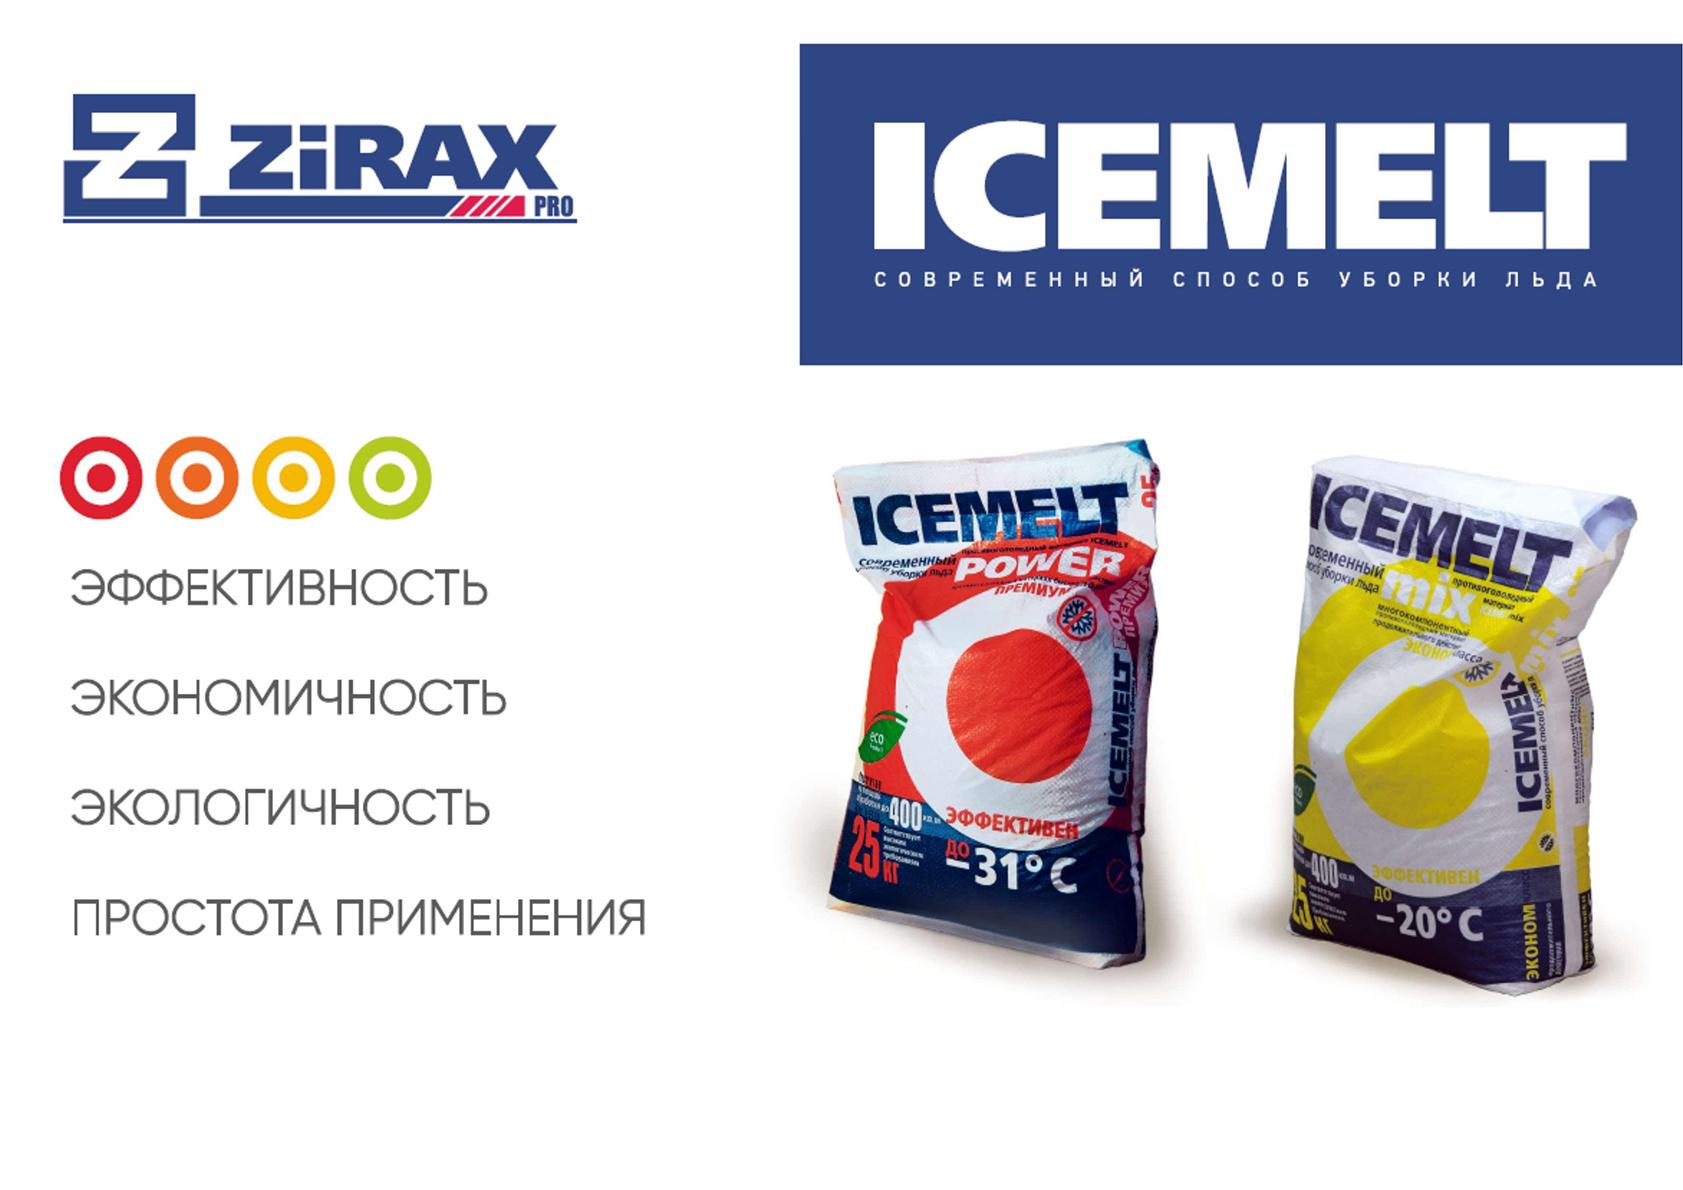 ZiRAX PRO ICEMELT